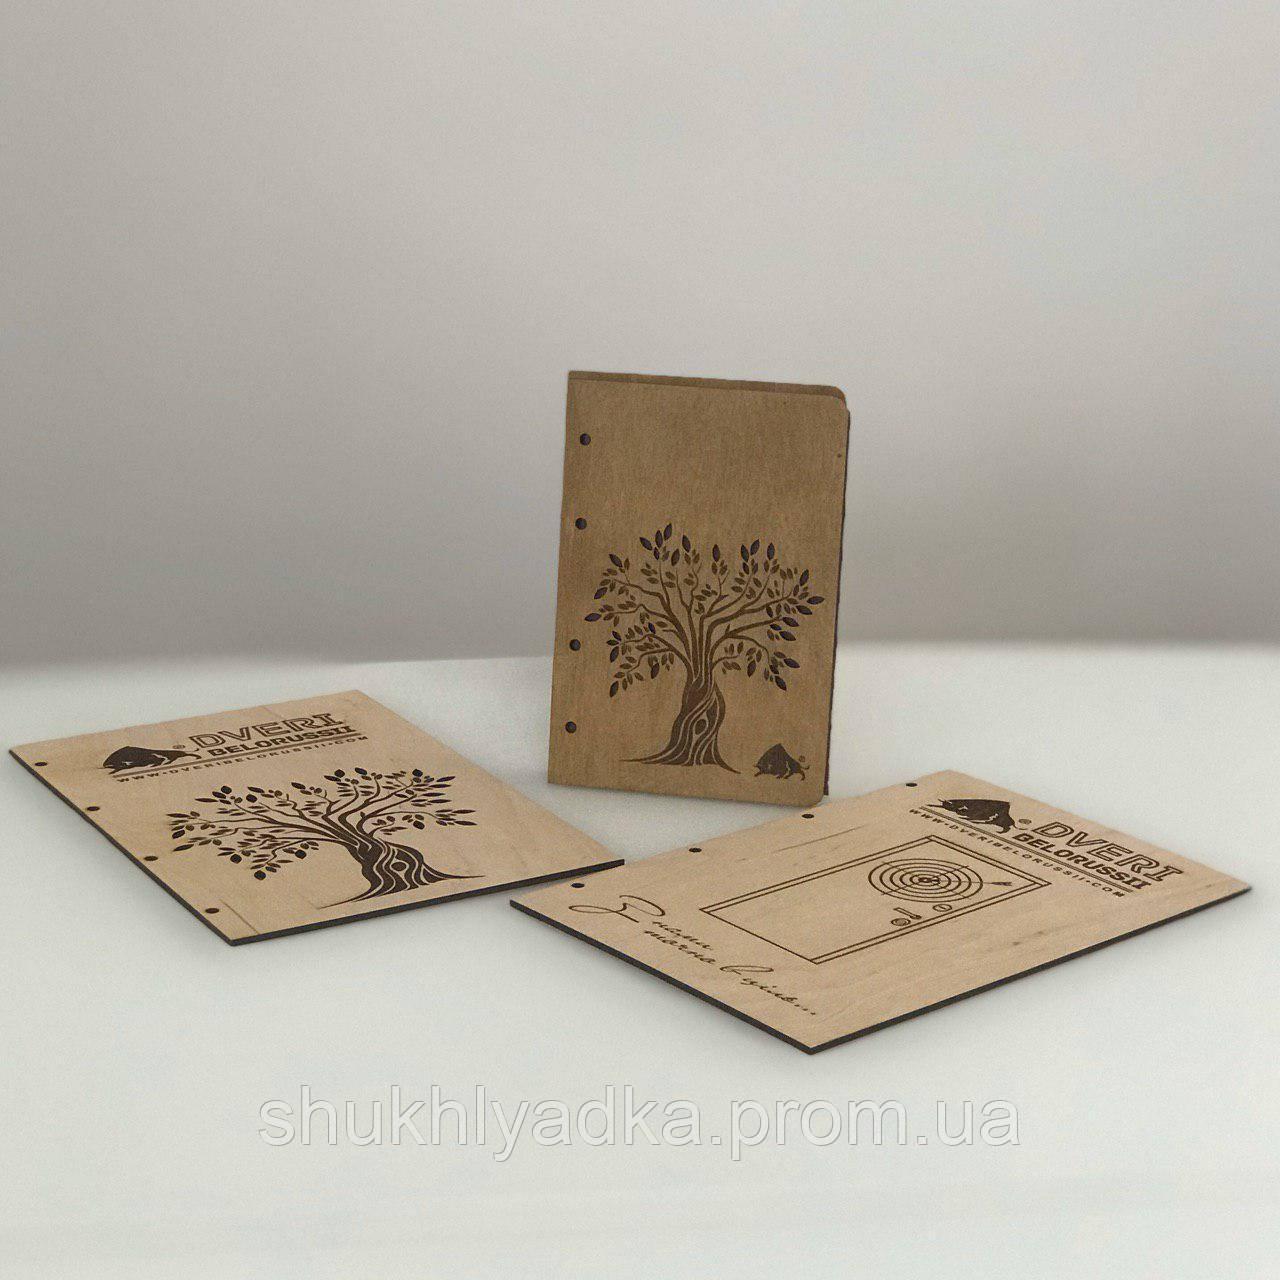 Брендовані дерев'яні обкладинки для щоденників, блокнотів, каталогів, меню...